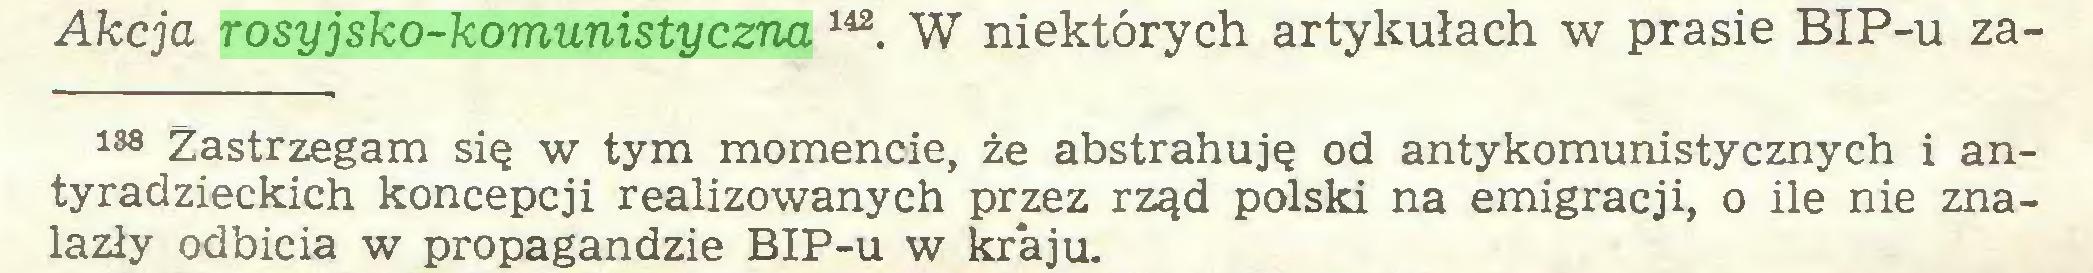 (...) Akcja rosyjsko-komunistyczna 142. W niektórych artykułach w prasie BIP-u za138 Zastrzegam się w tym momencie, że abstrahuję od antykomunistycznych i antyradzieckich koncepcji realizowanych przez rząd polski na emigracji, o ile nie znalazły odbicia w propagandzie BIP-u w kraju...